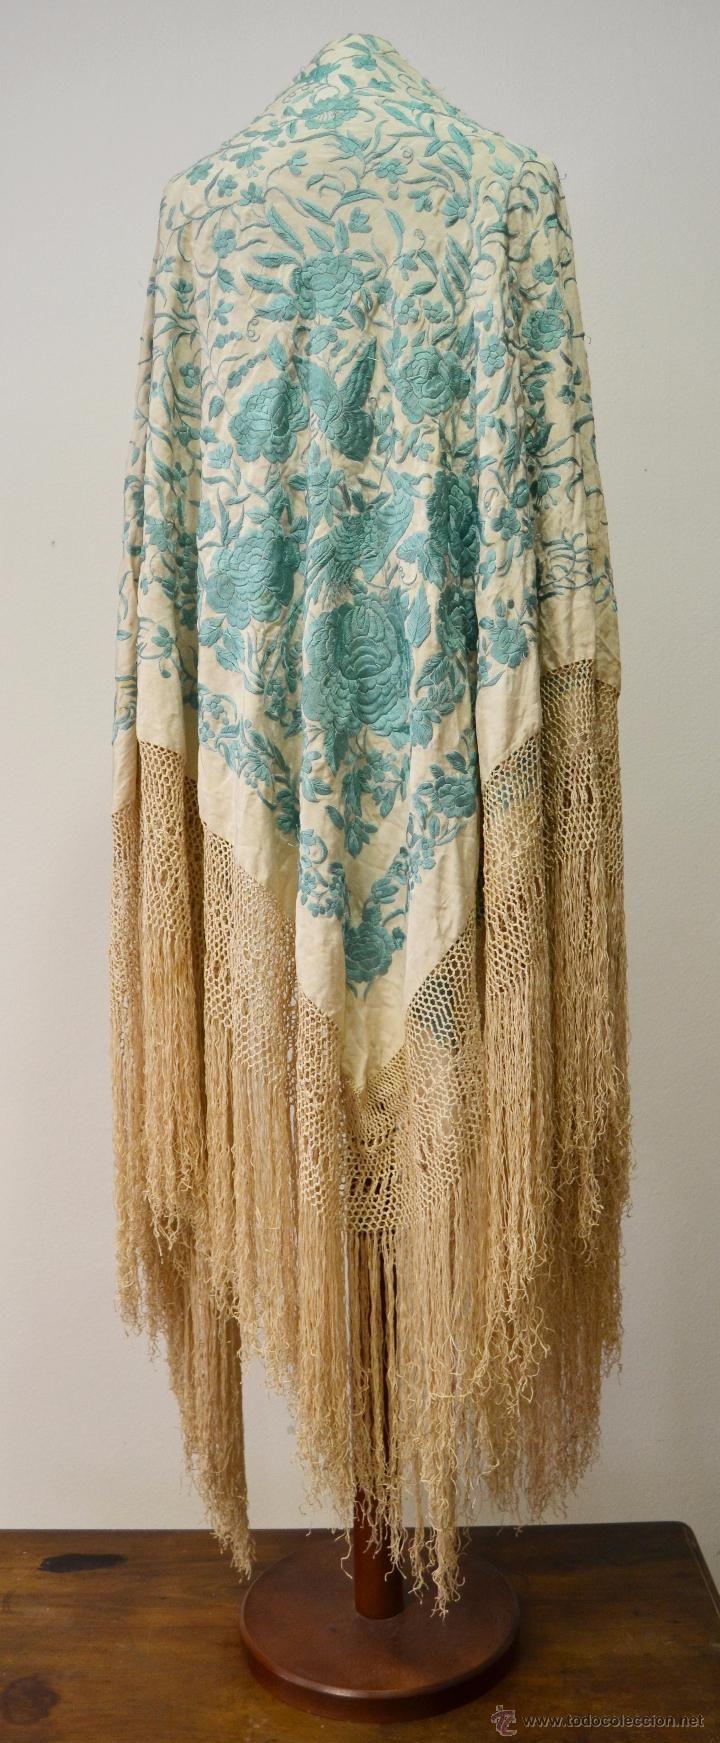 Antiguo mantón de Manila turquesa y marfil bordado a mano.